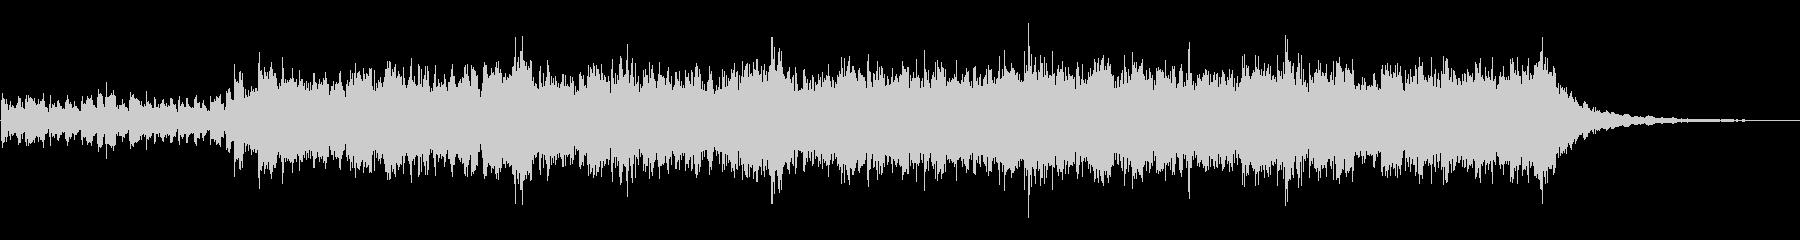 アフリカンな小曲の未再生の波形